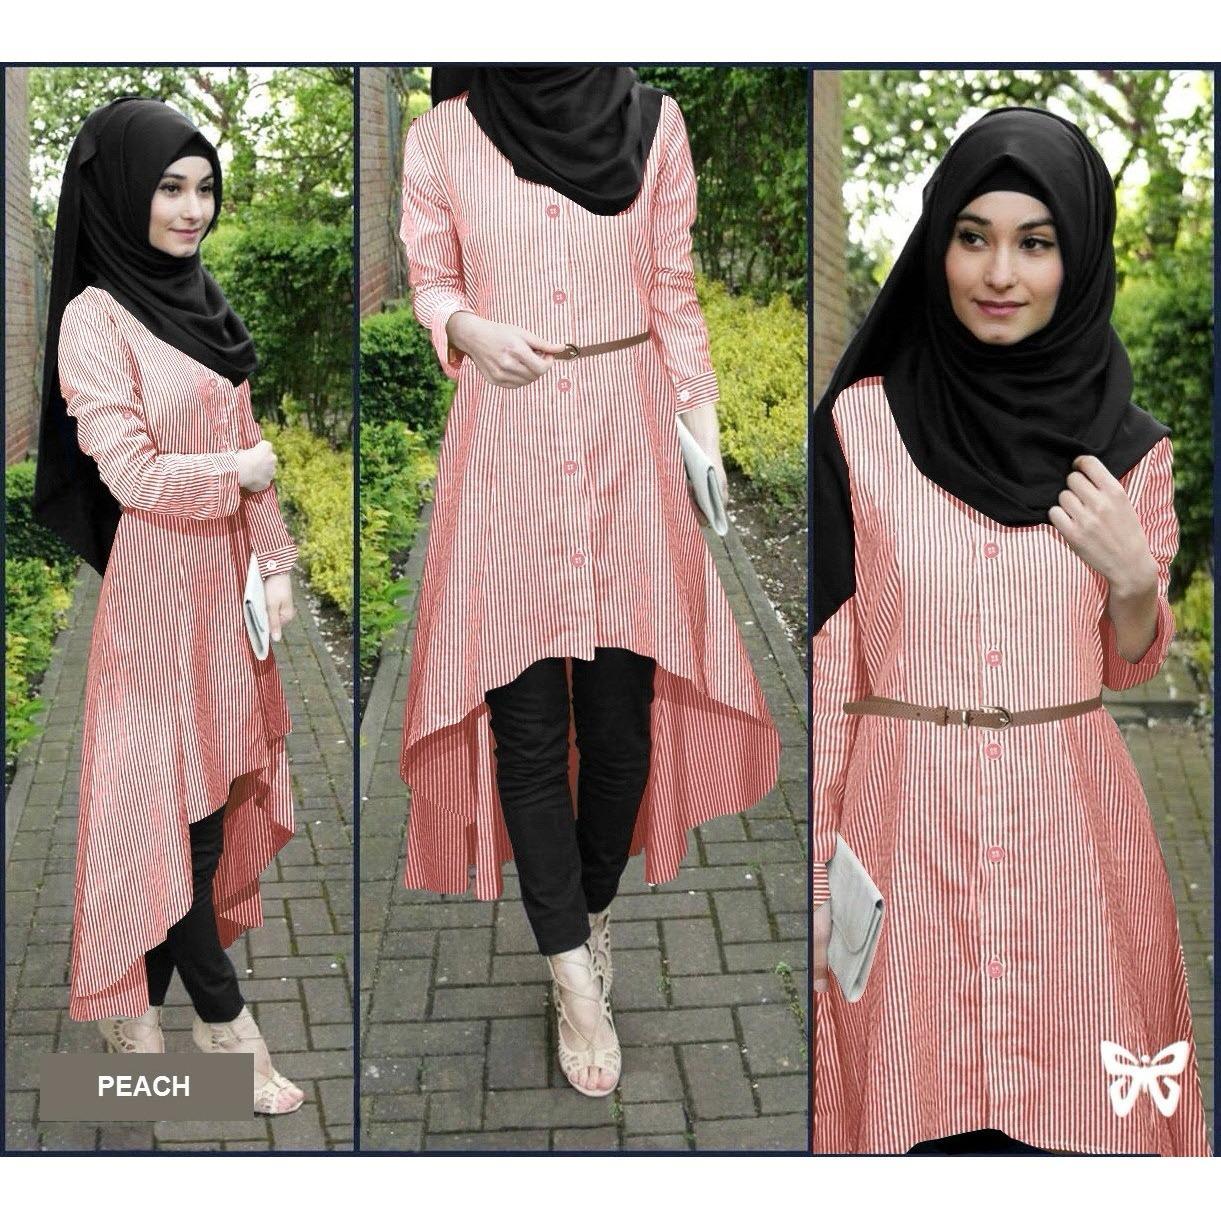 Jual Flavia Store Baju Muslim Wanita Set 4 In 1 Salur Fs0688 Peach Setelan Muslimah Stelan Gamis Hijab Atasan Blouse Terusan Kemeja Tunik Lengan Panjang Garis Bawahan Celana Srsafirasalur Murah